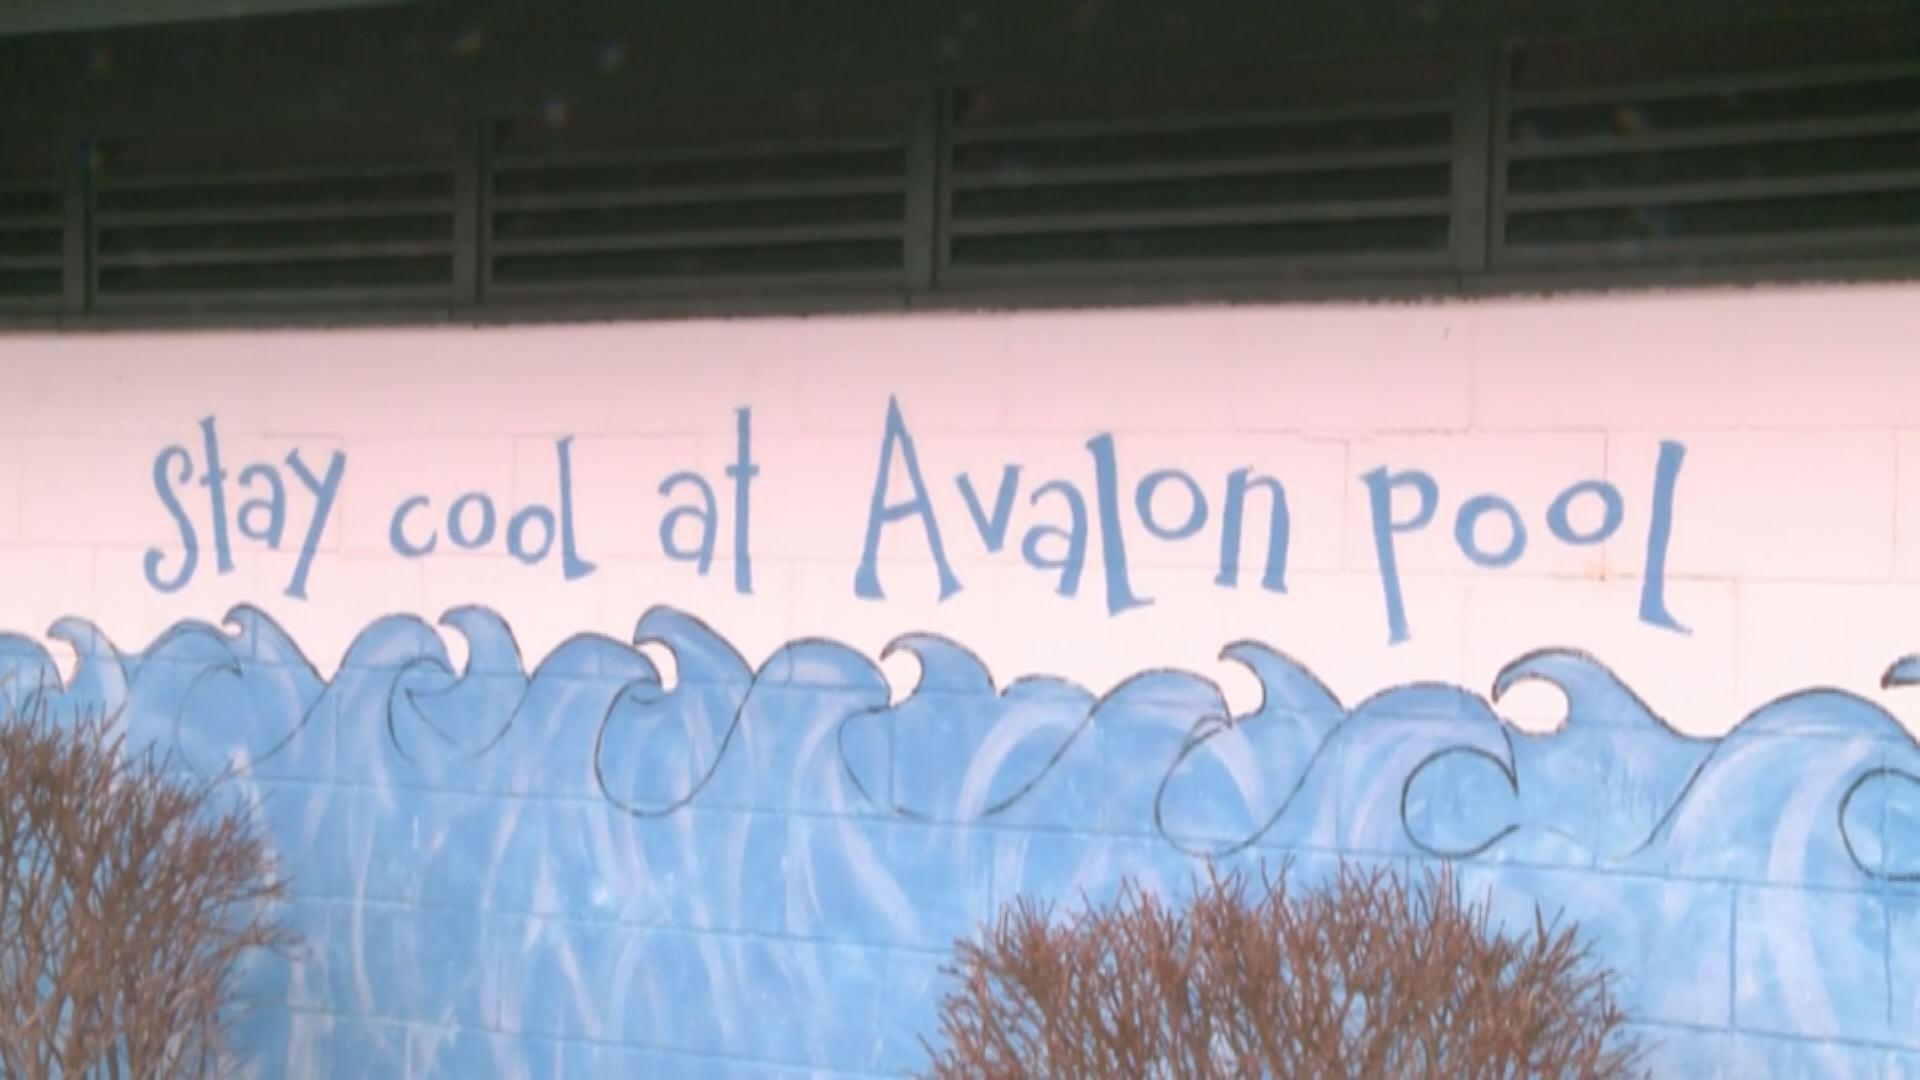 Avalon Pool_1552025671558.jpg.jpg